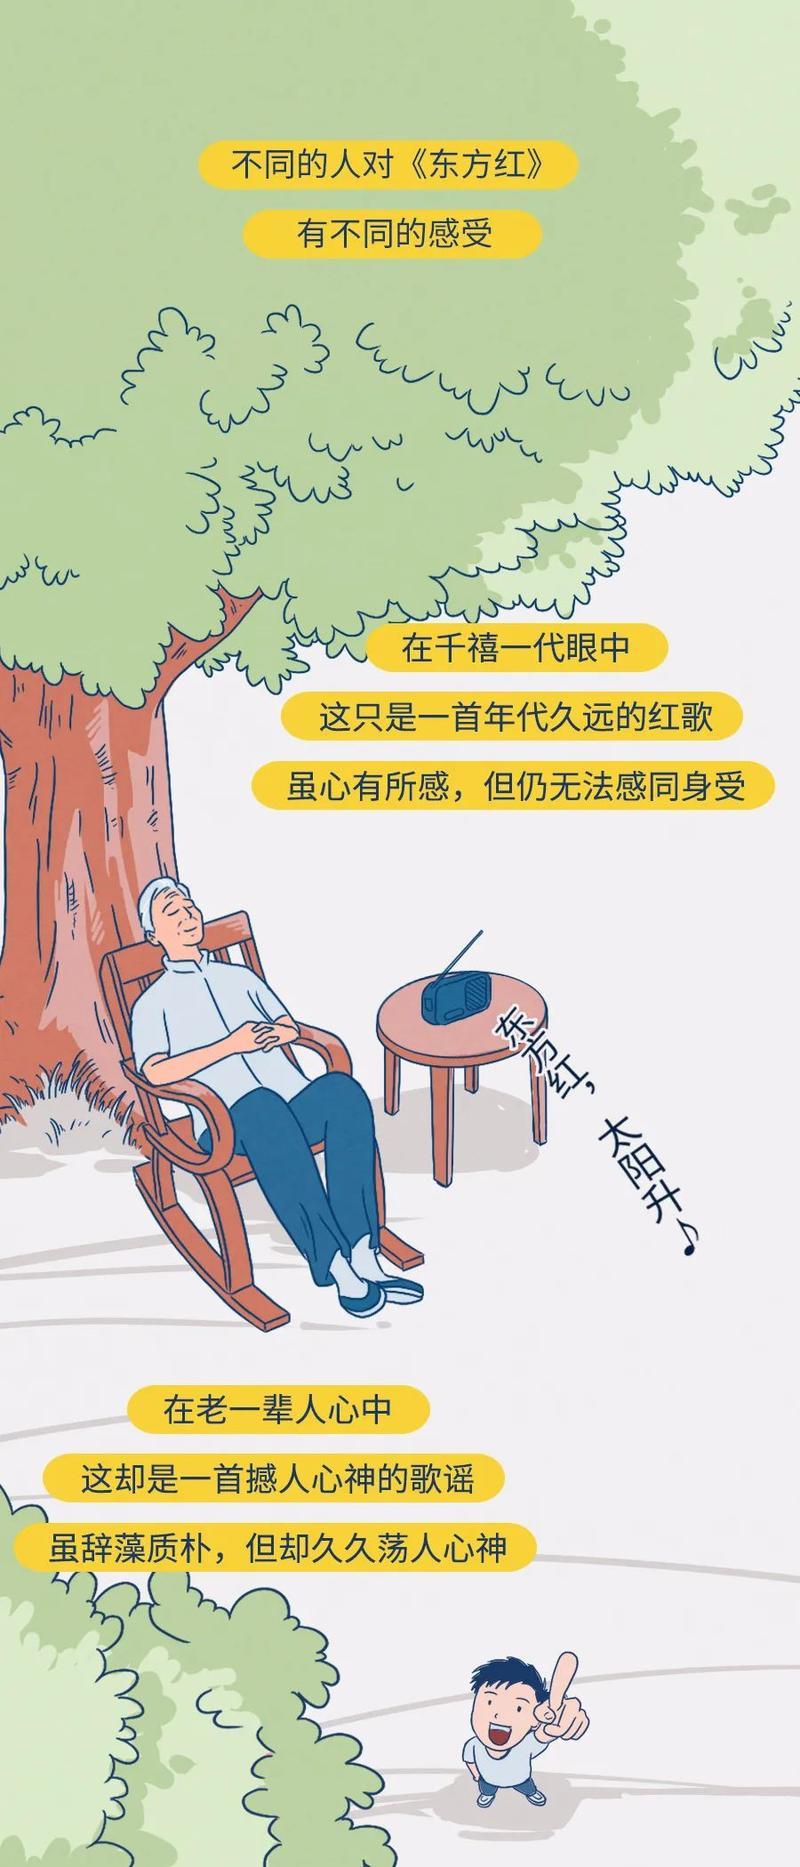 中国航天日,东方红漫游50年,我们的征途,是星辰大海!